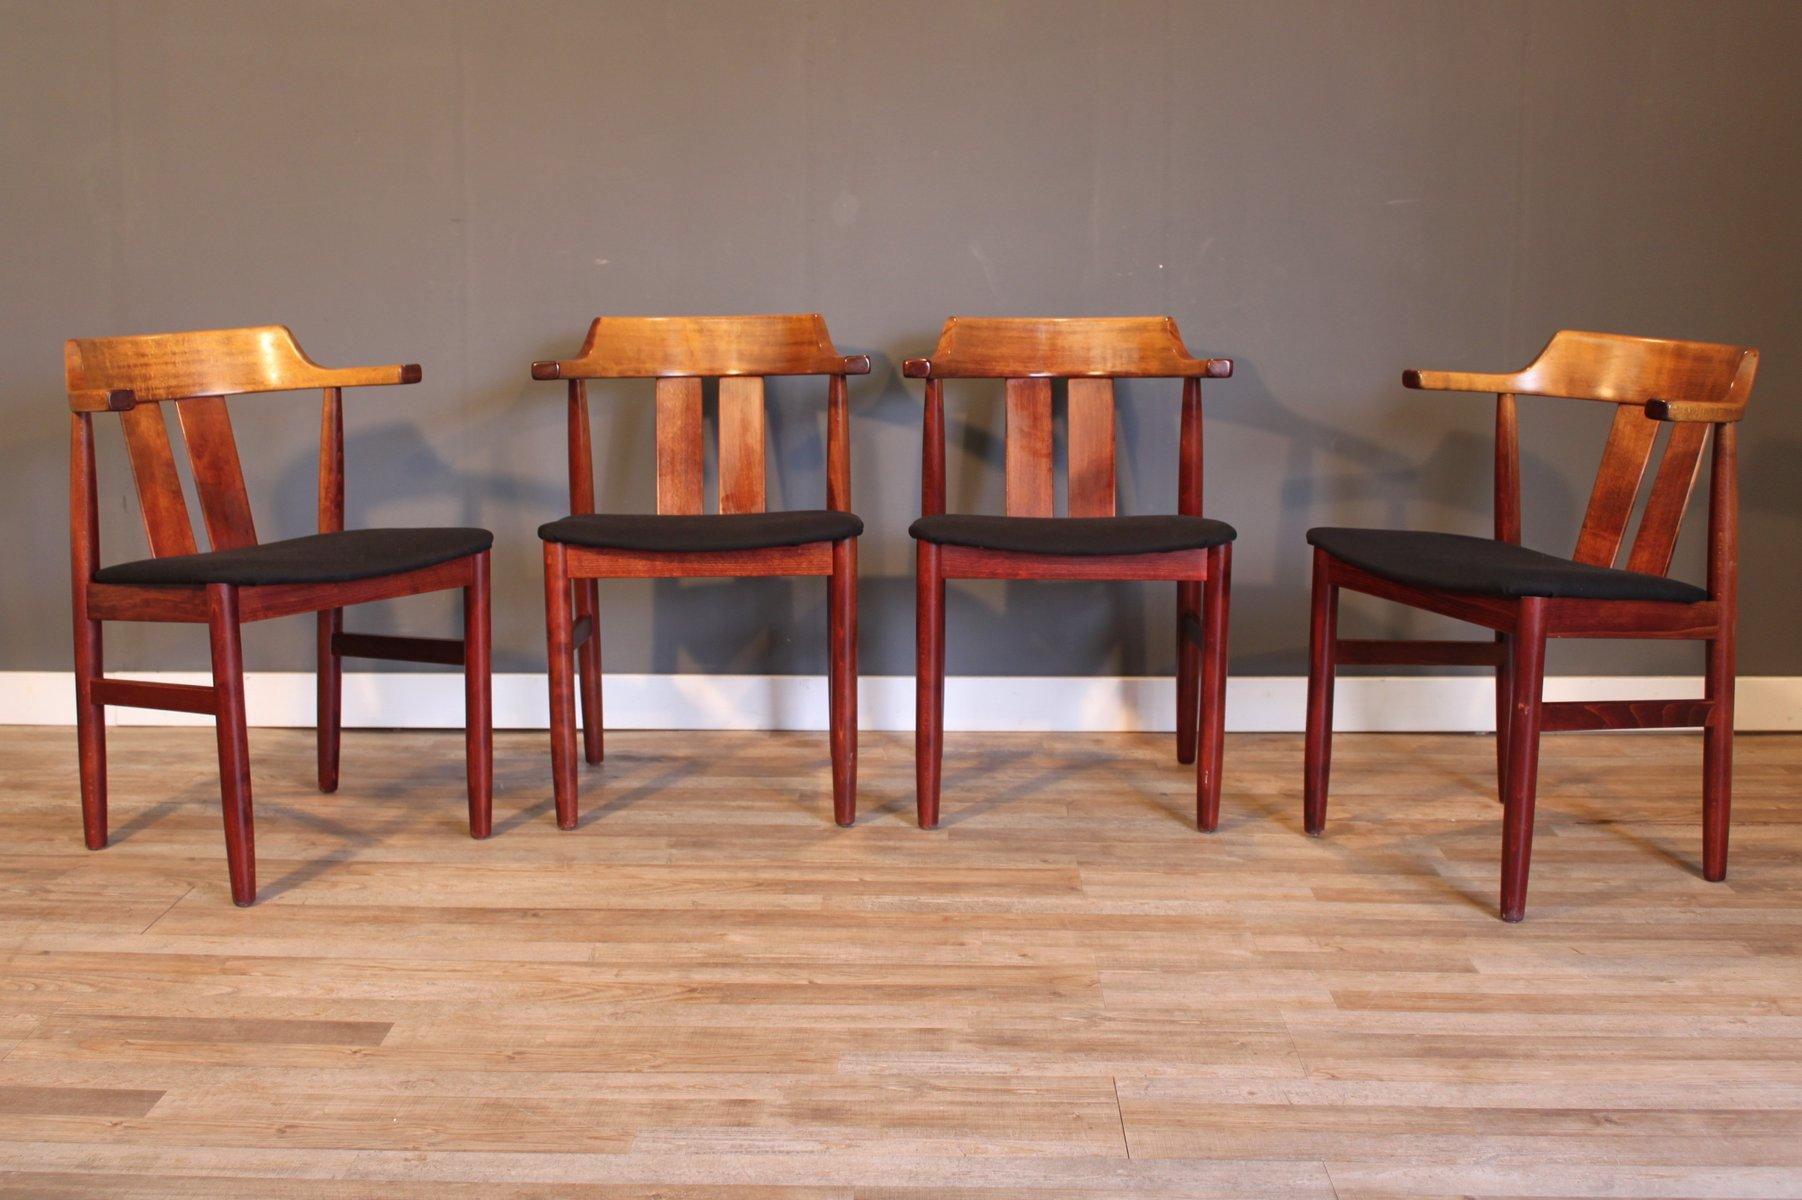 schwedische vintage st hle von gemla m bler 1974 4er set bei pamono kaufen. Black Bedroom Furniture Sets. Home Design Ideas